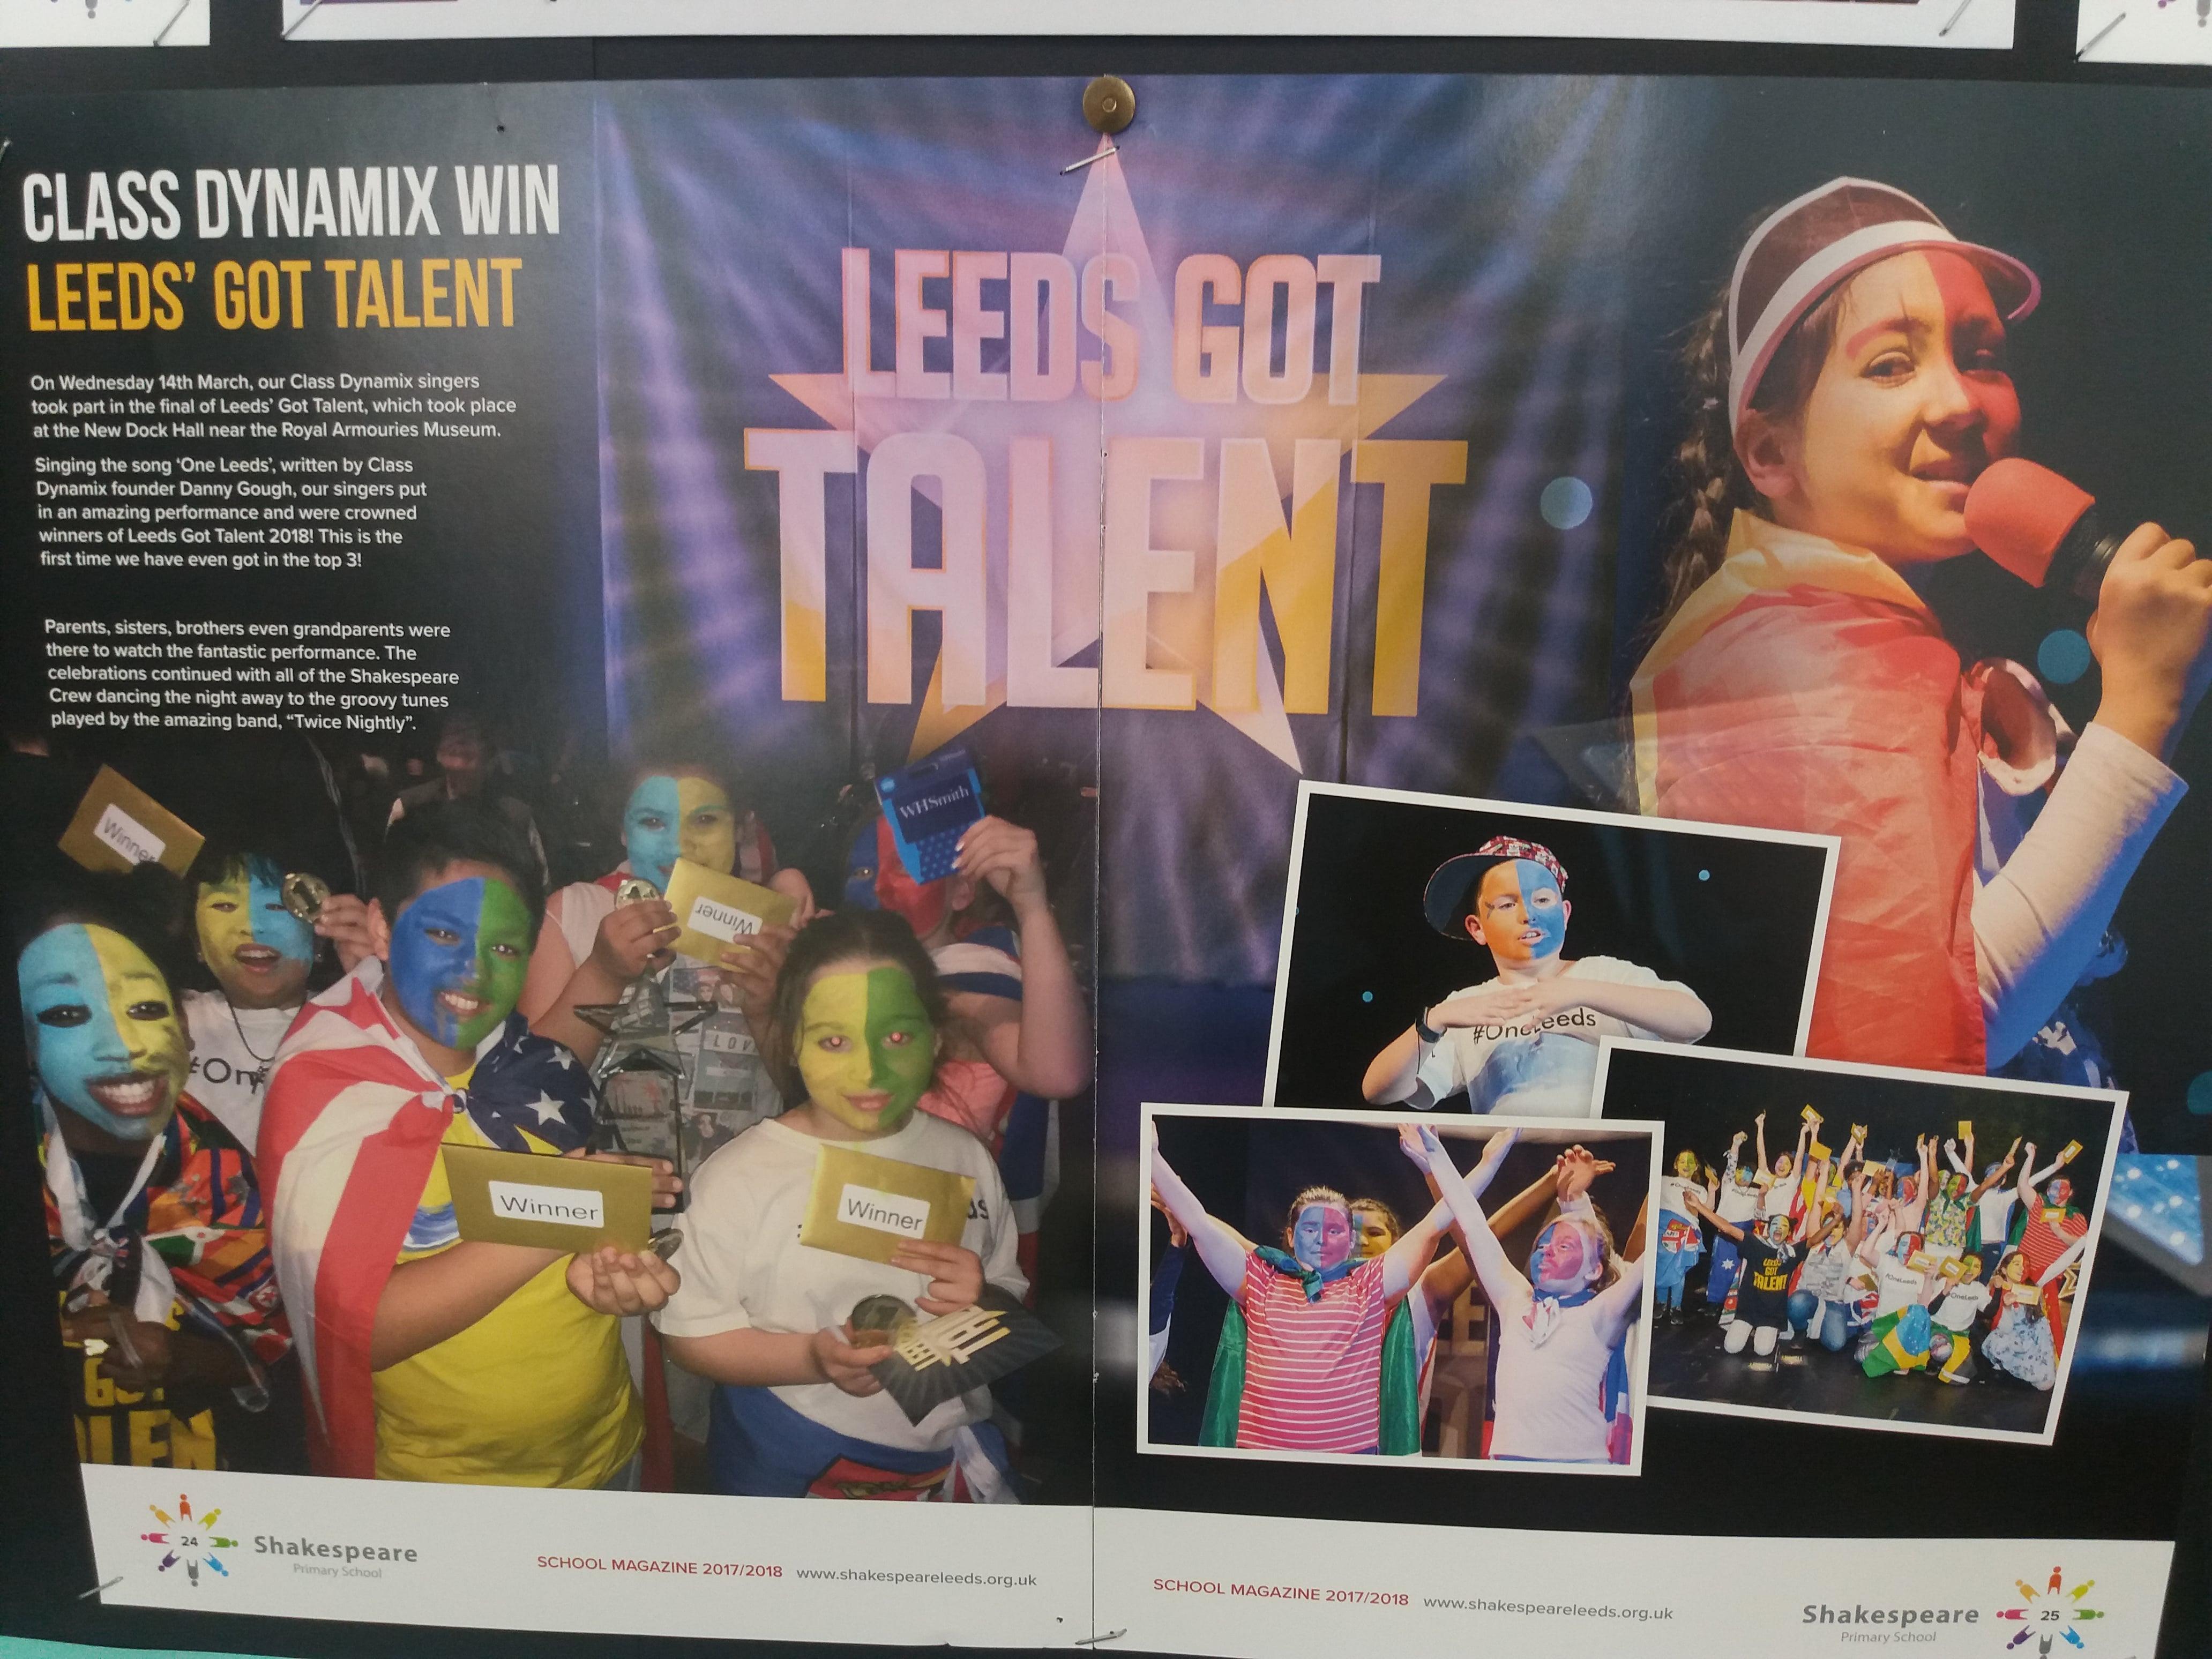 afbf9c5420c35 Leeds Got Talent 2019